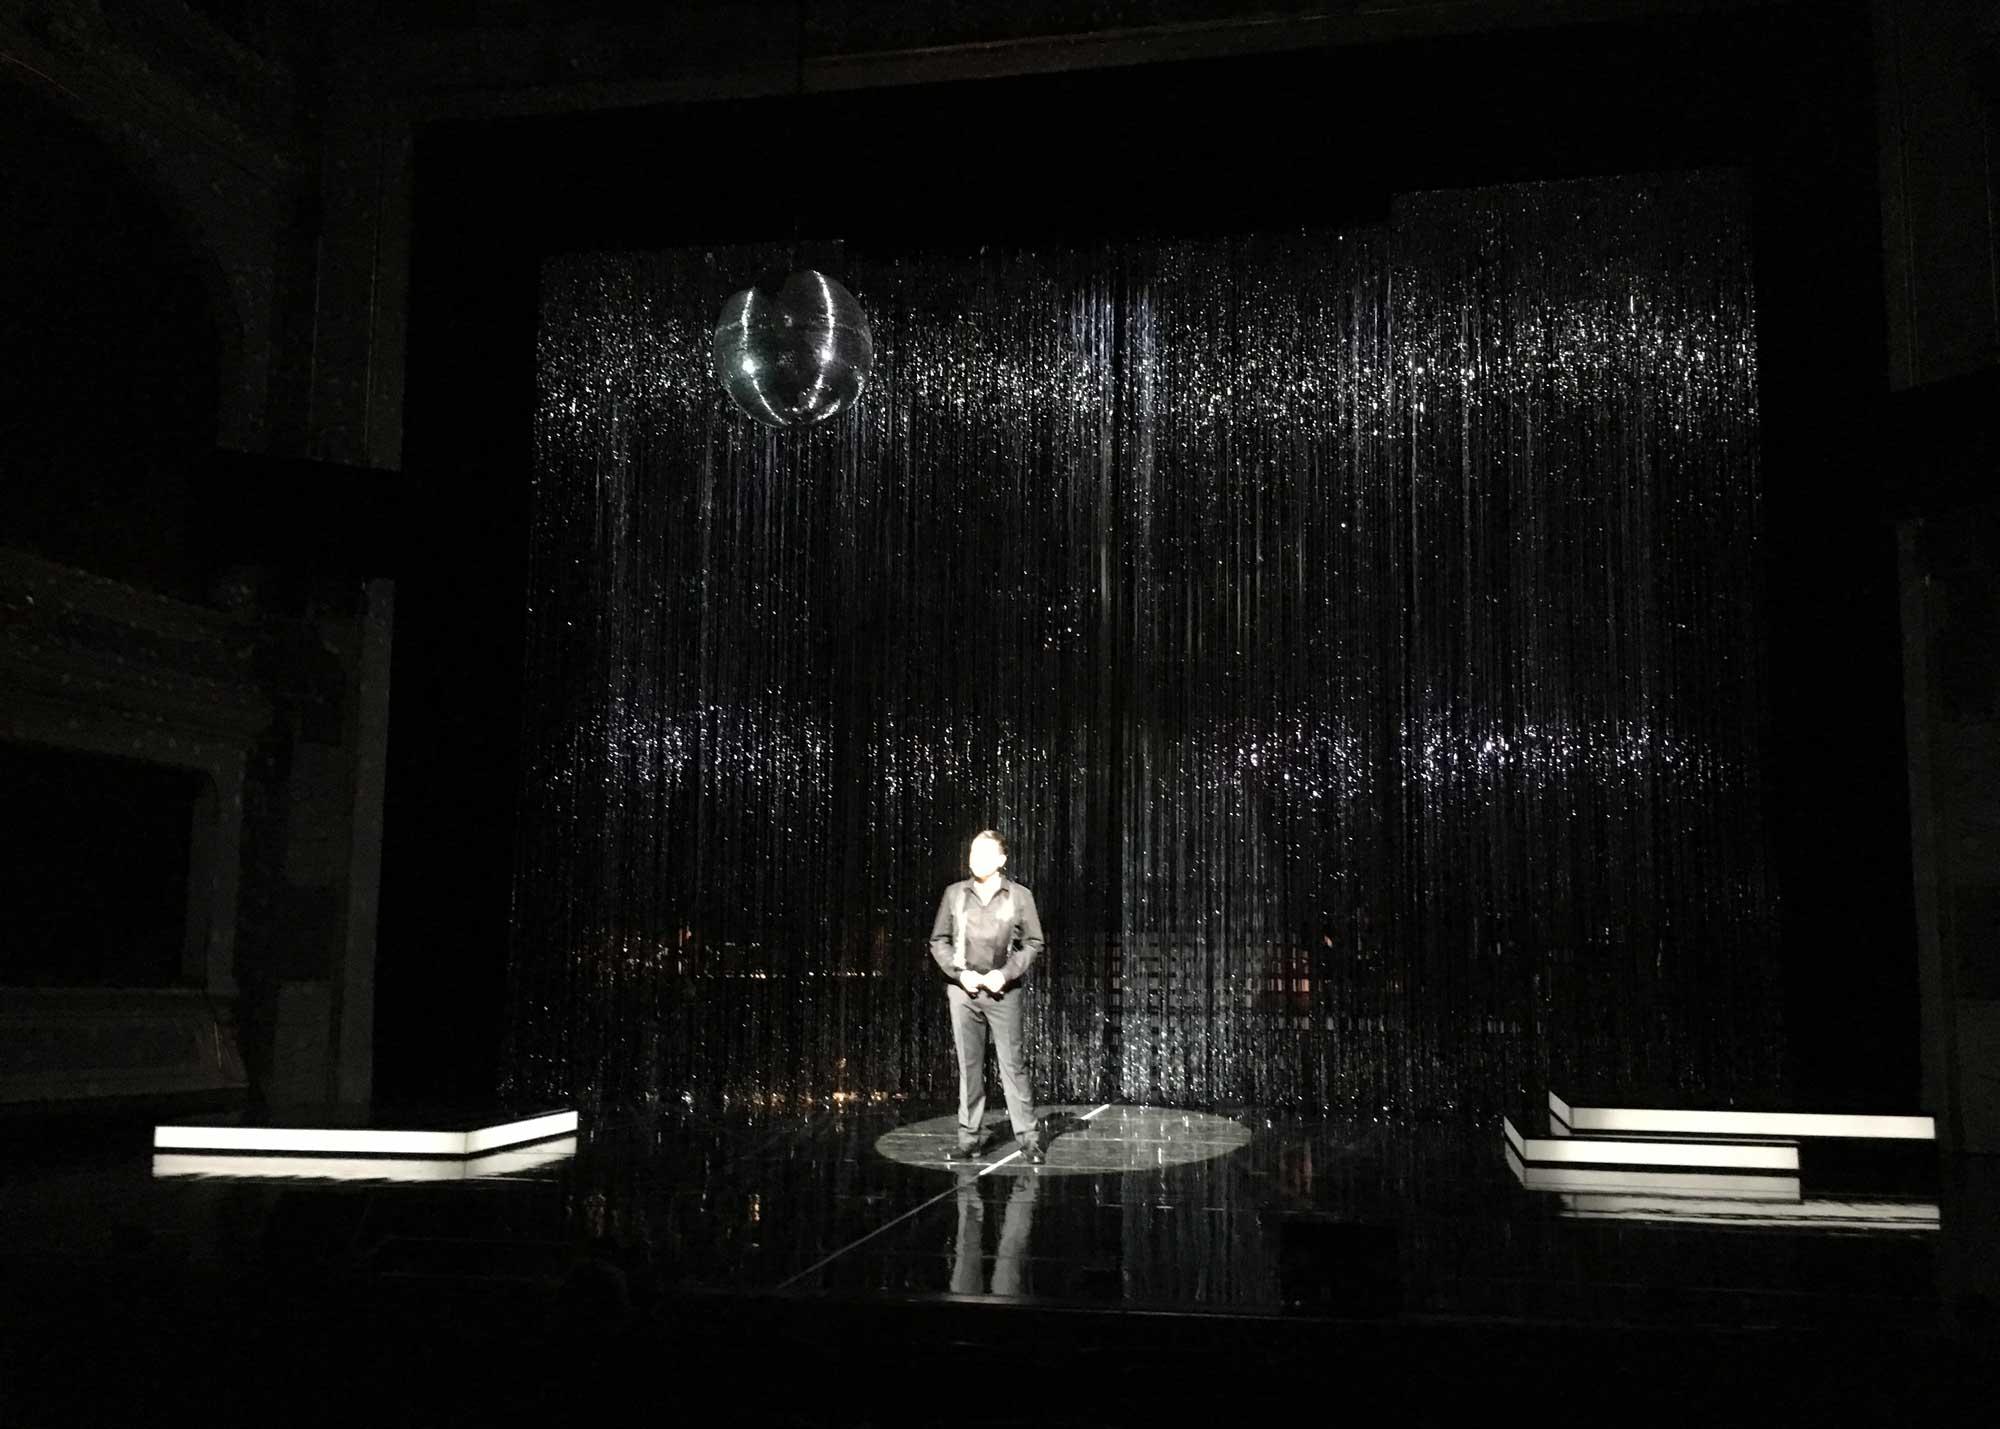 Karl Wiedemann Meister², Lichtdesign, Lights of Broadway (4)